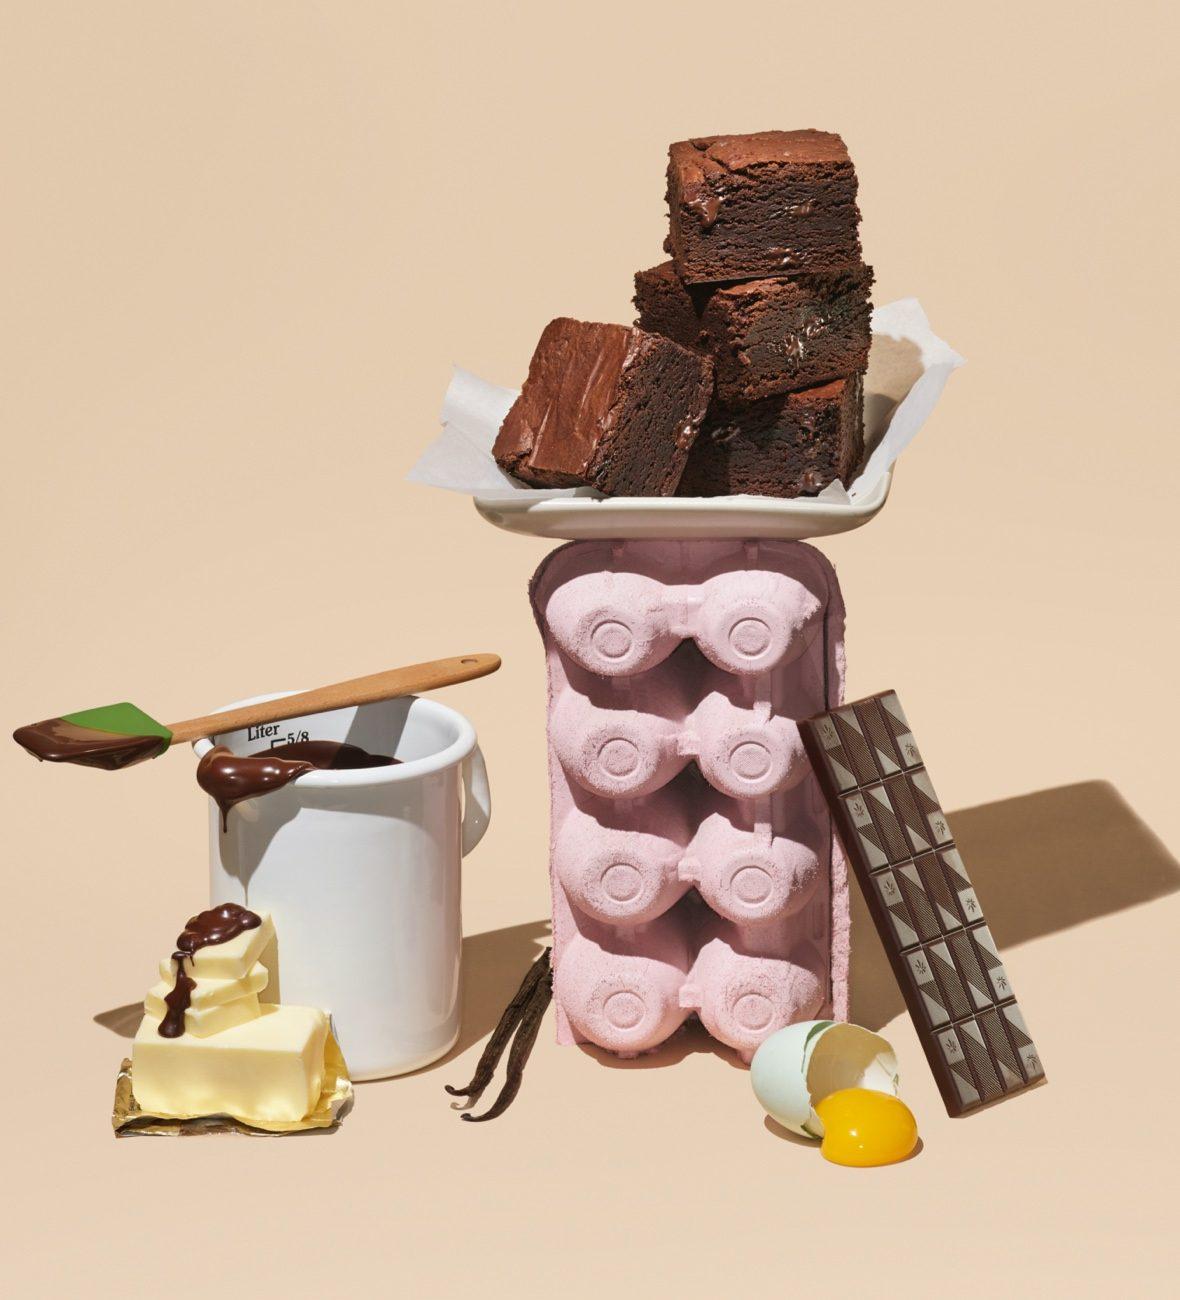 20191204 Blog Kiva Dark Chocolate Brownies 1180x1300